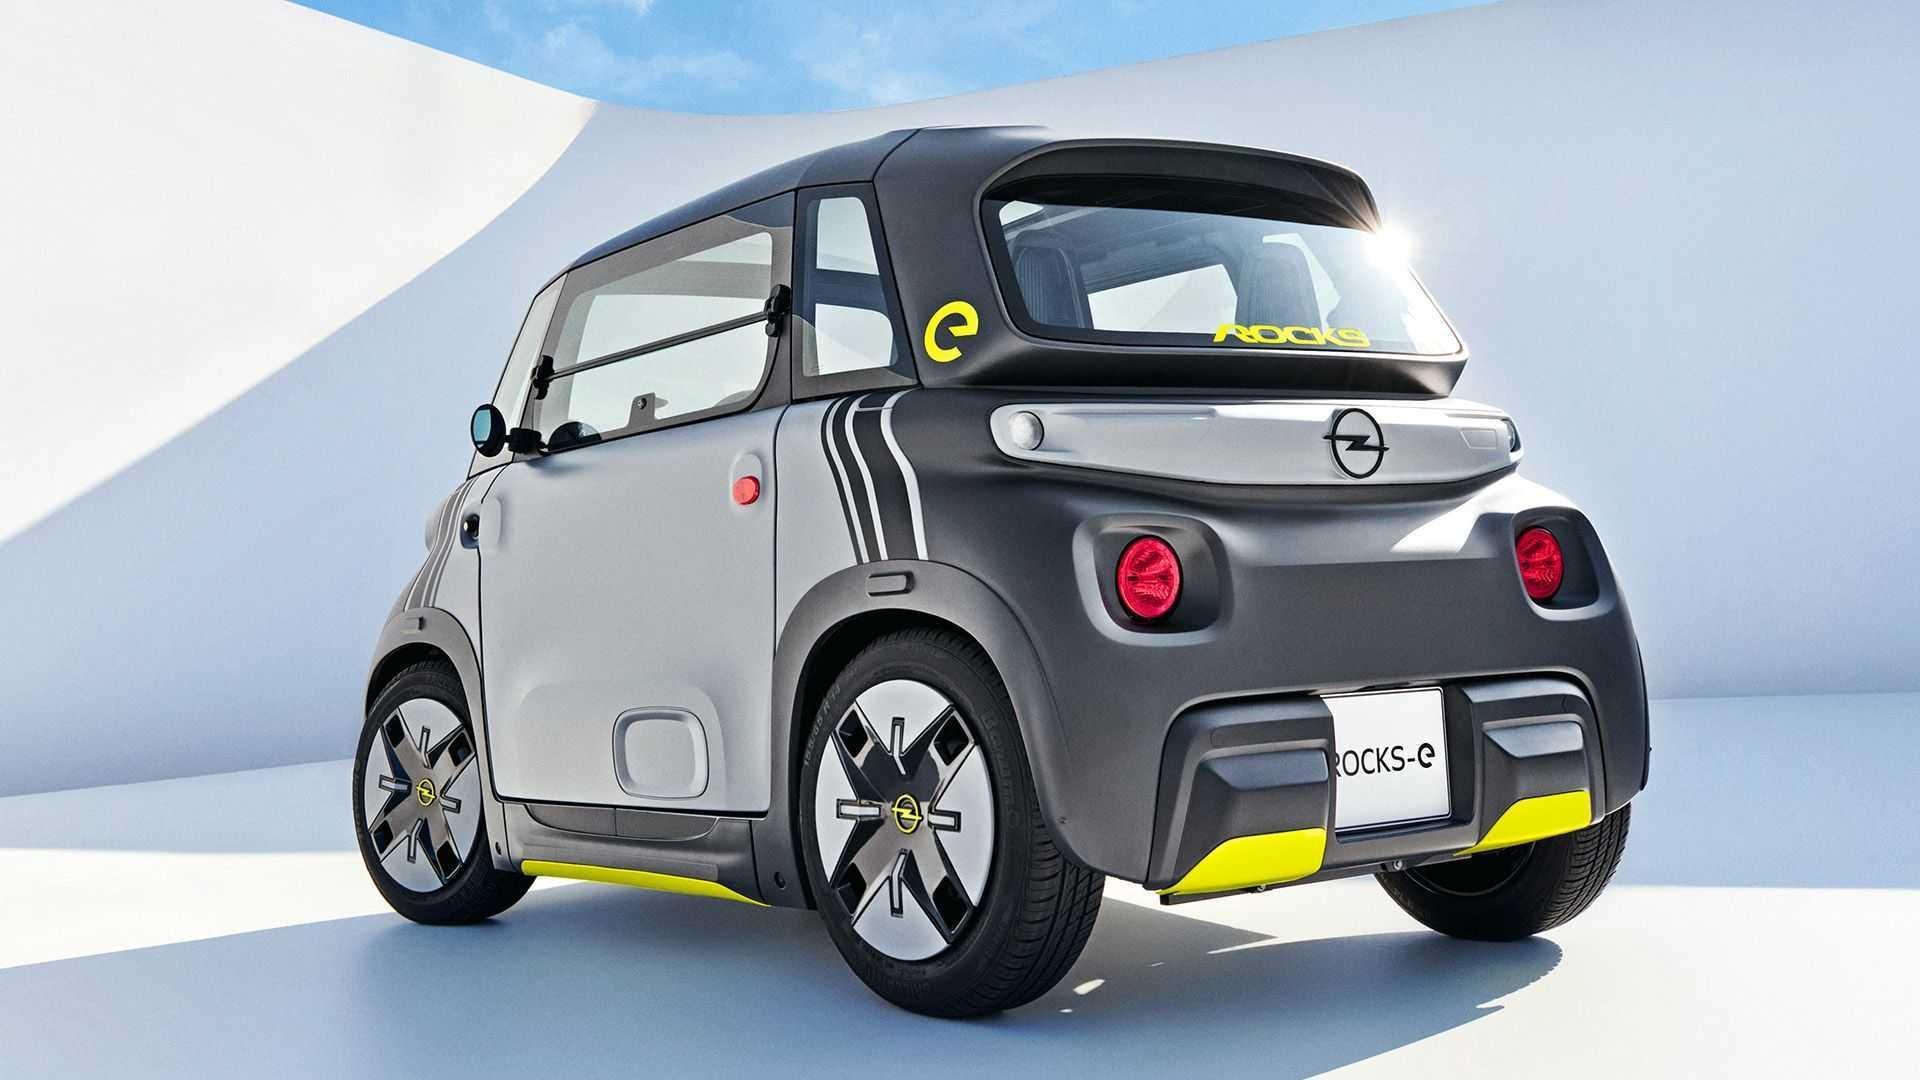 2021 Opel Rocks-e